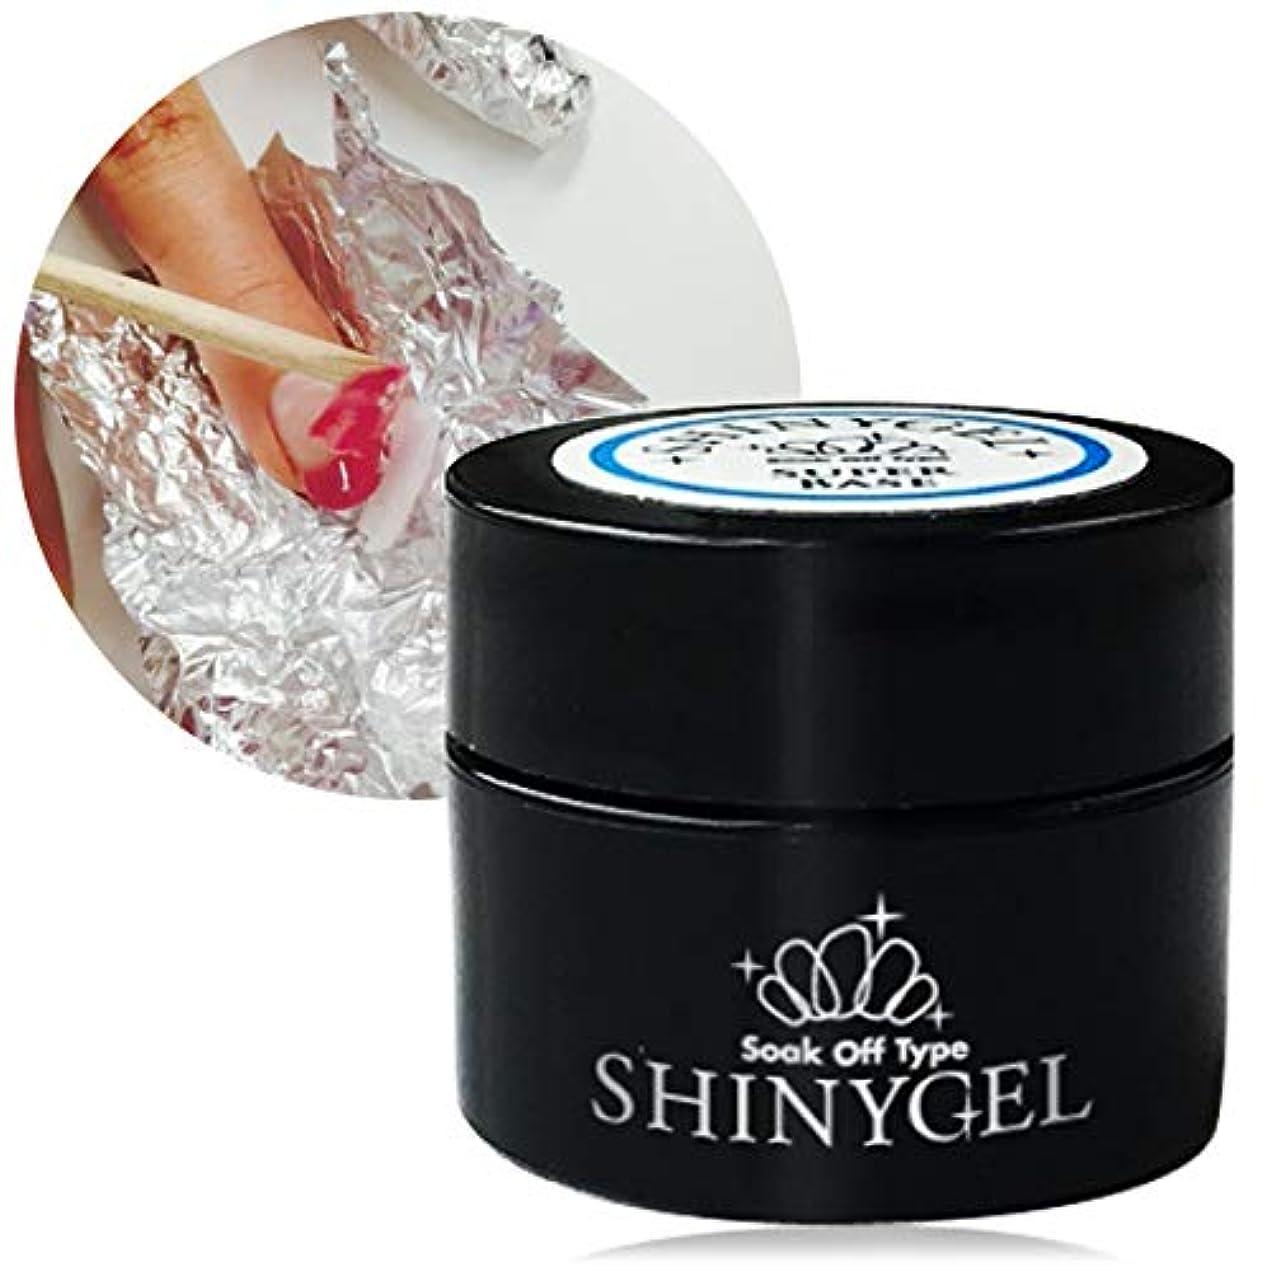 シロクマにぎやか発送[UV/LED対応○] SHINYGEL シャイニージェル スーパーベース/5g モチUP&オフ超簡単 弱酸性ジェルネイル